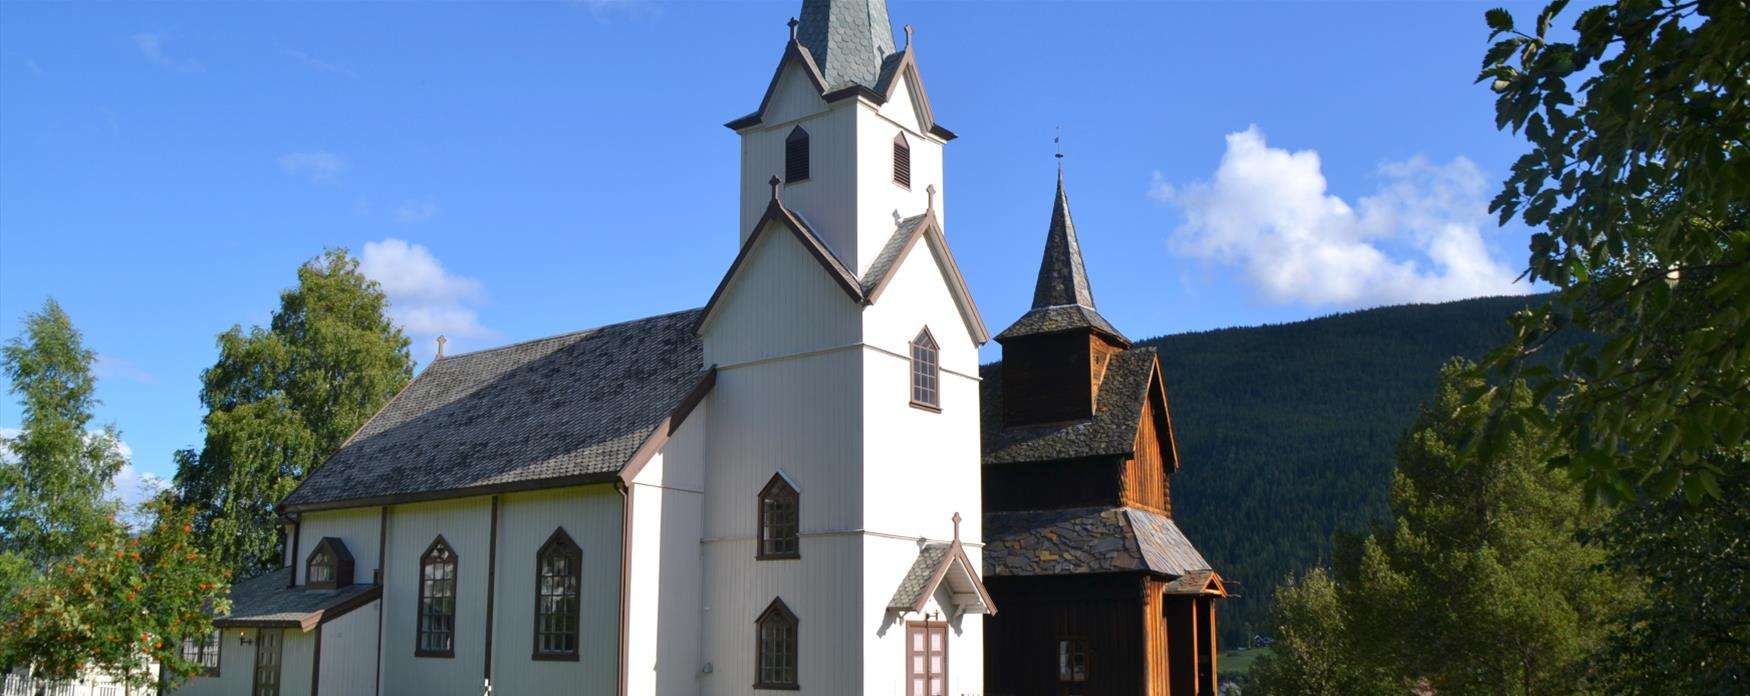 Church in Ål